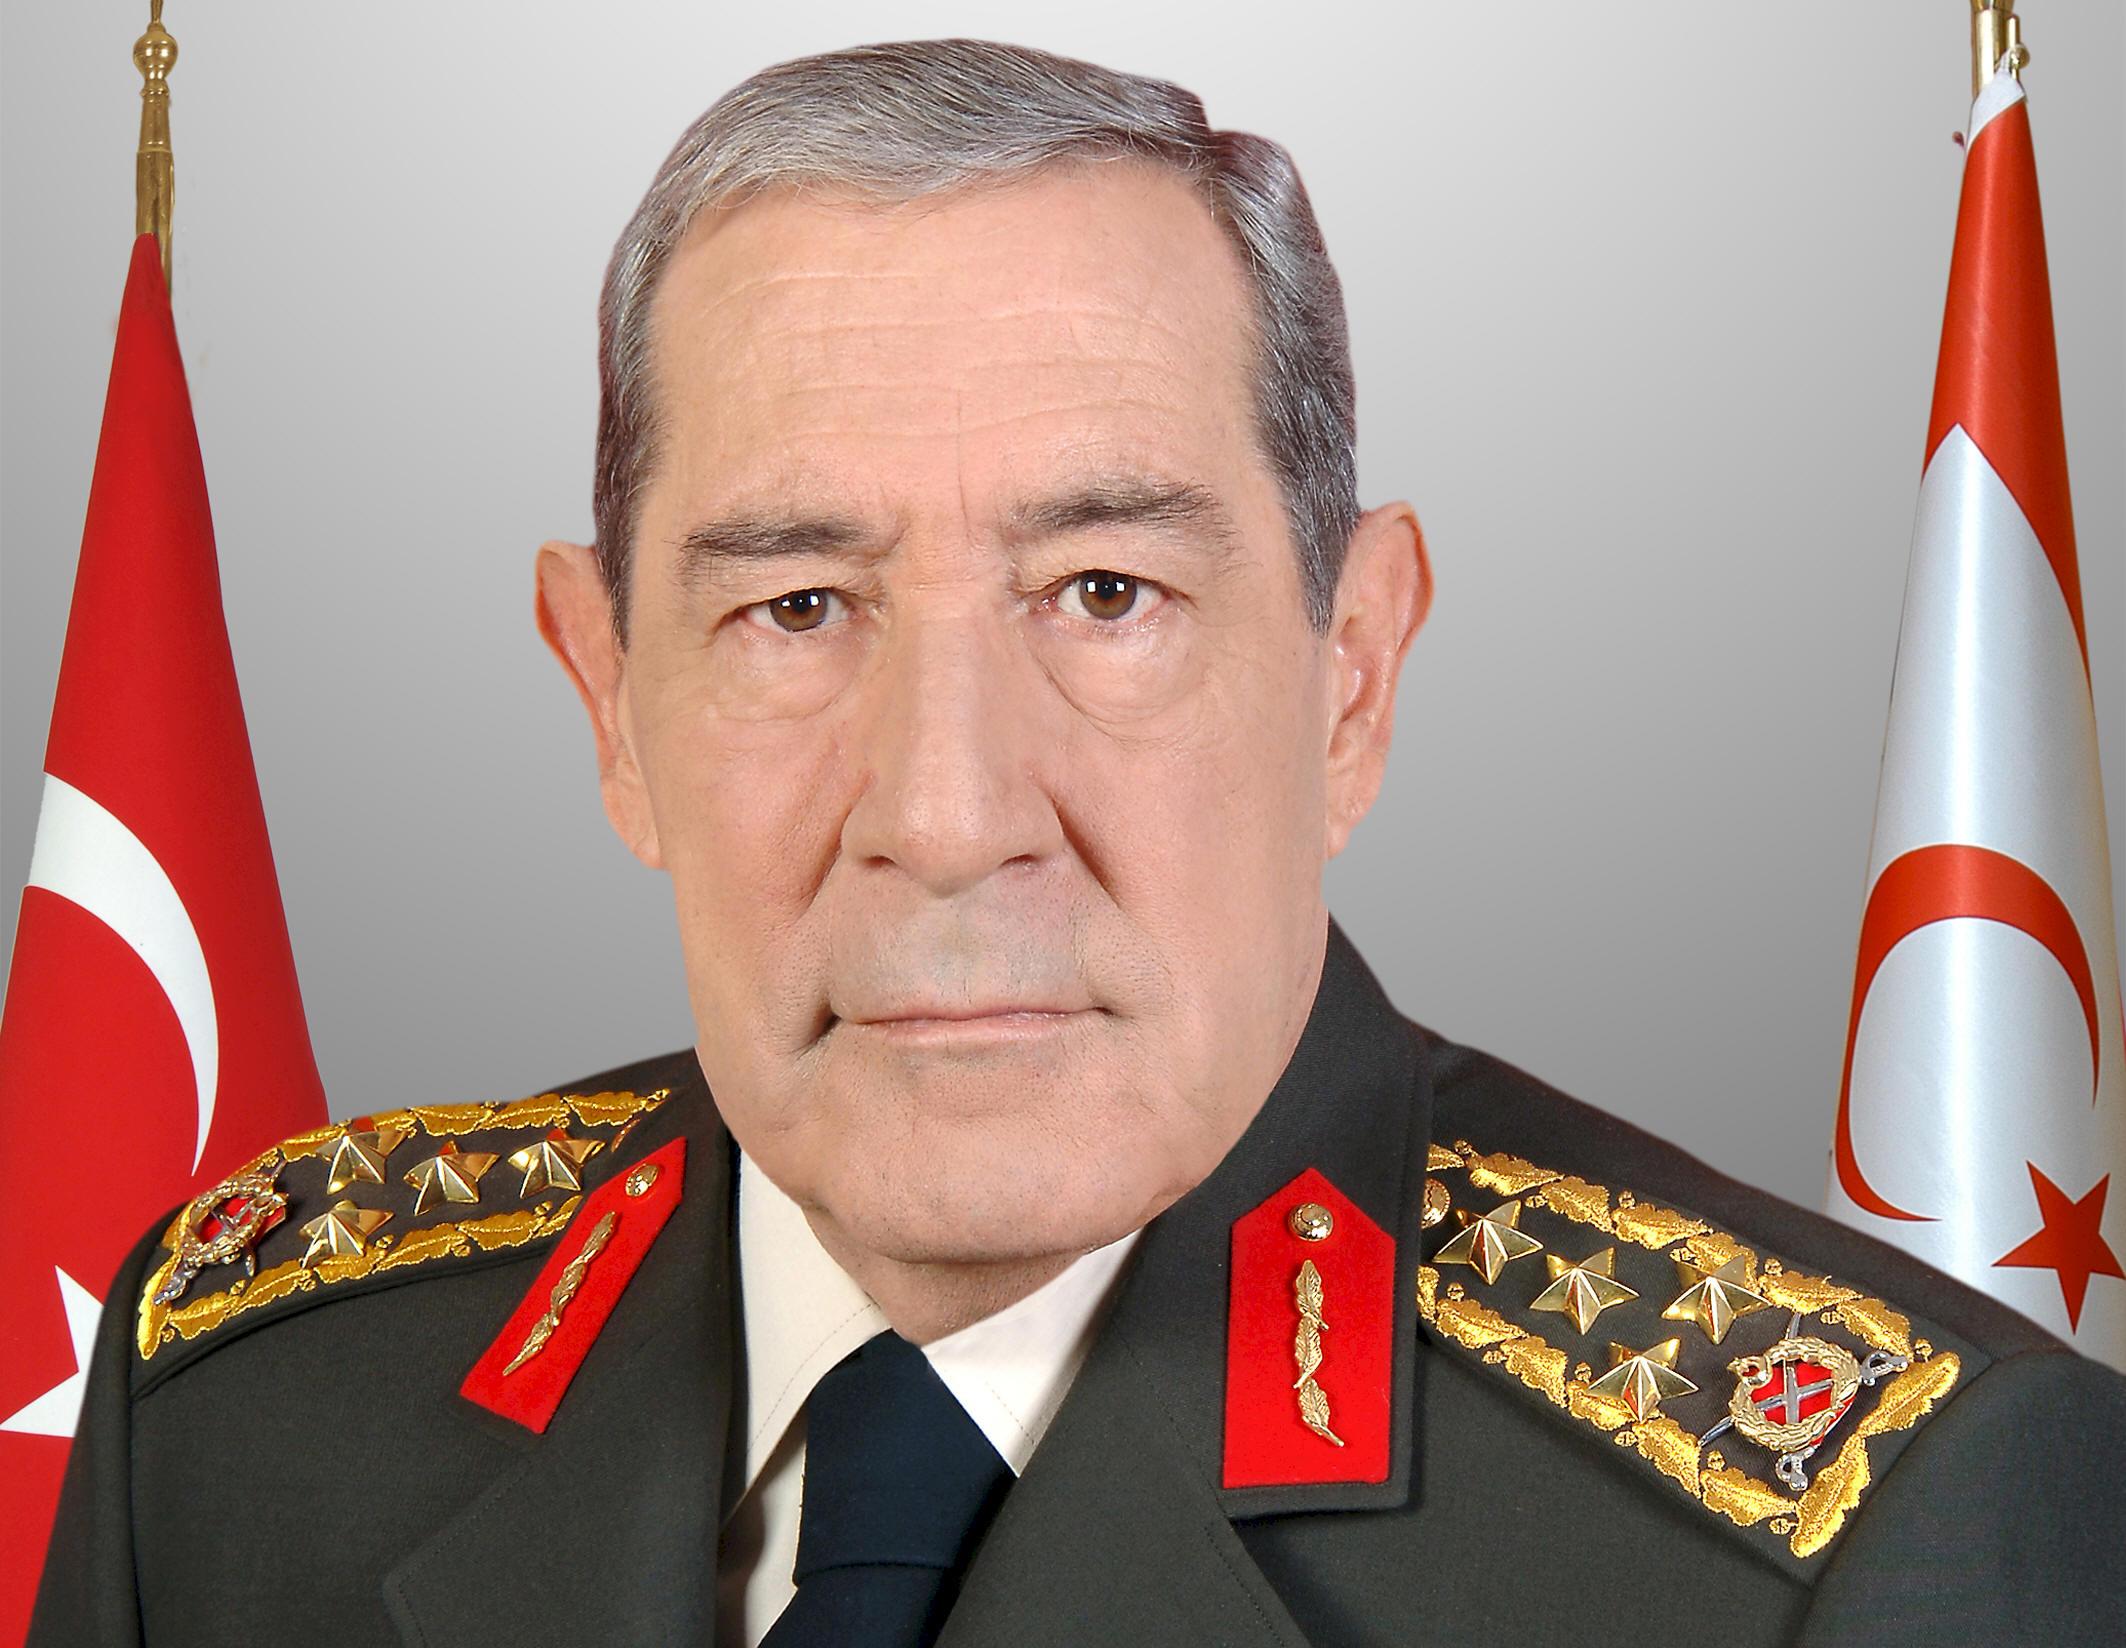 Yaşar Büyükanıt, 25. Genelkurmay Başkanı